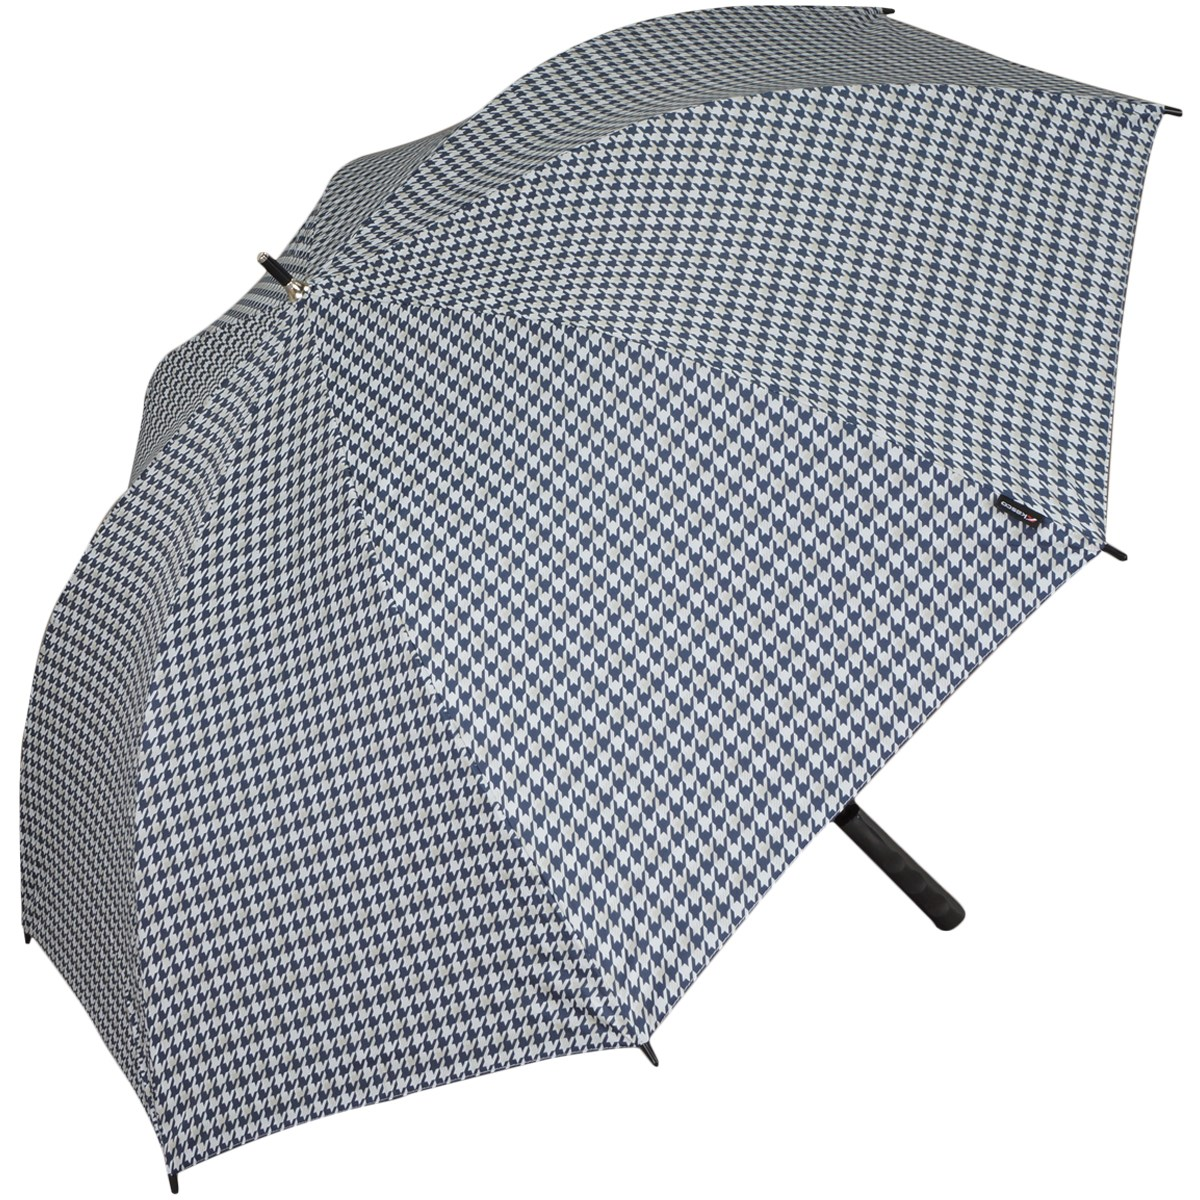 キャスコ KASCO 千鳥柄晴雨兼用ワンタッチ傘 ホワイト/ネイビー